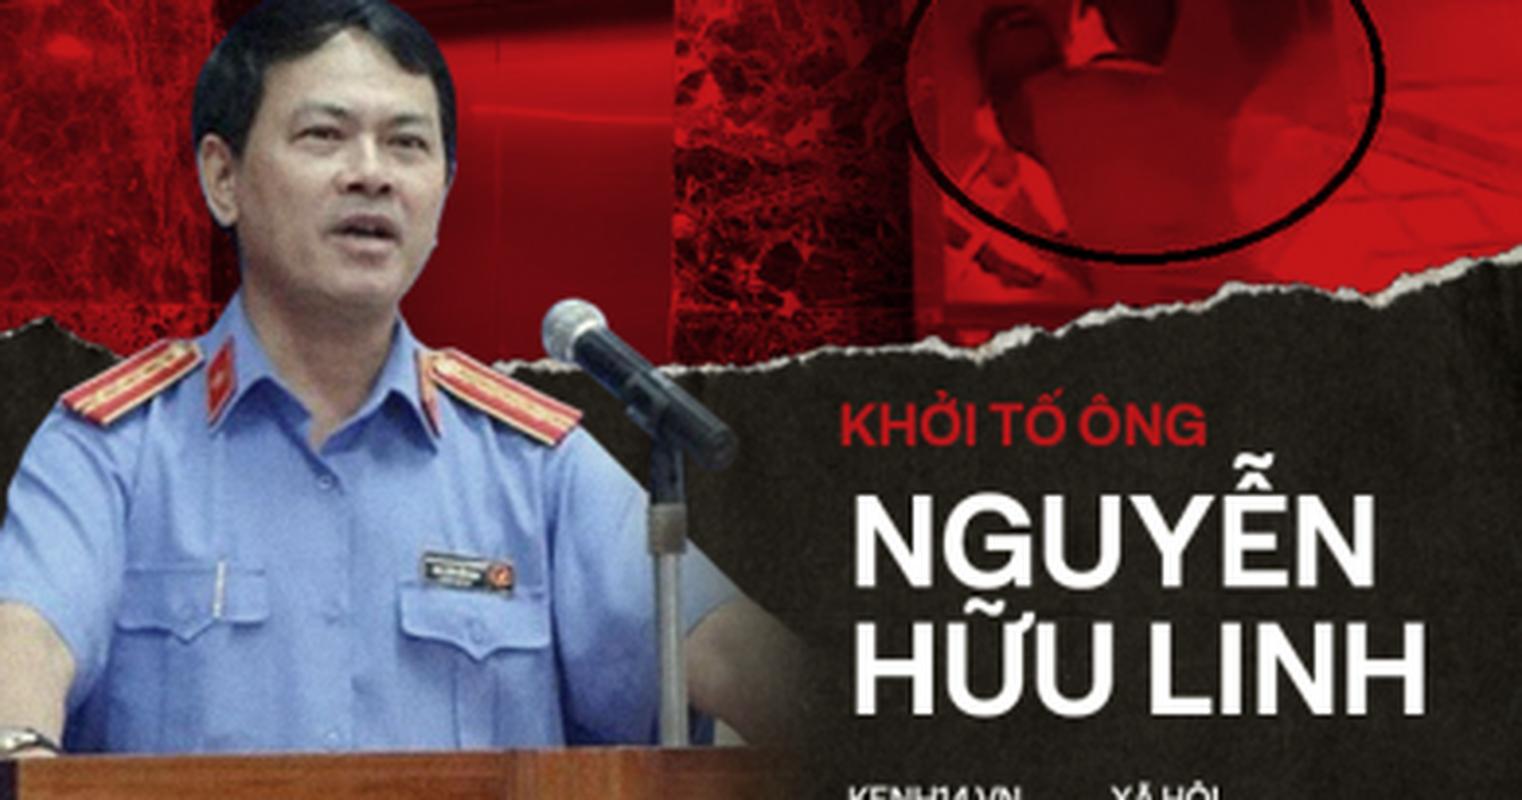 Toan canh vu Nguyen Huu Linh dam o be gai trong thang may-Hinh-16